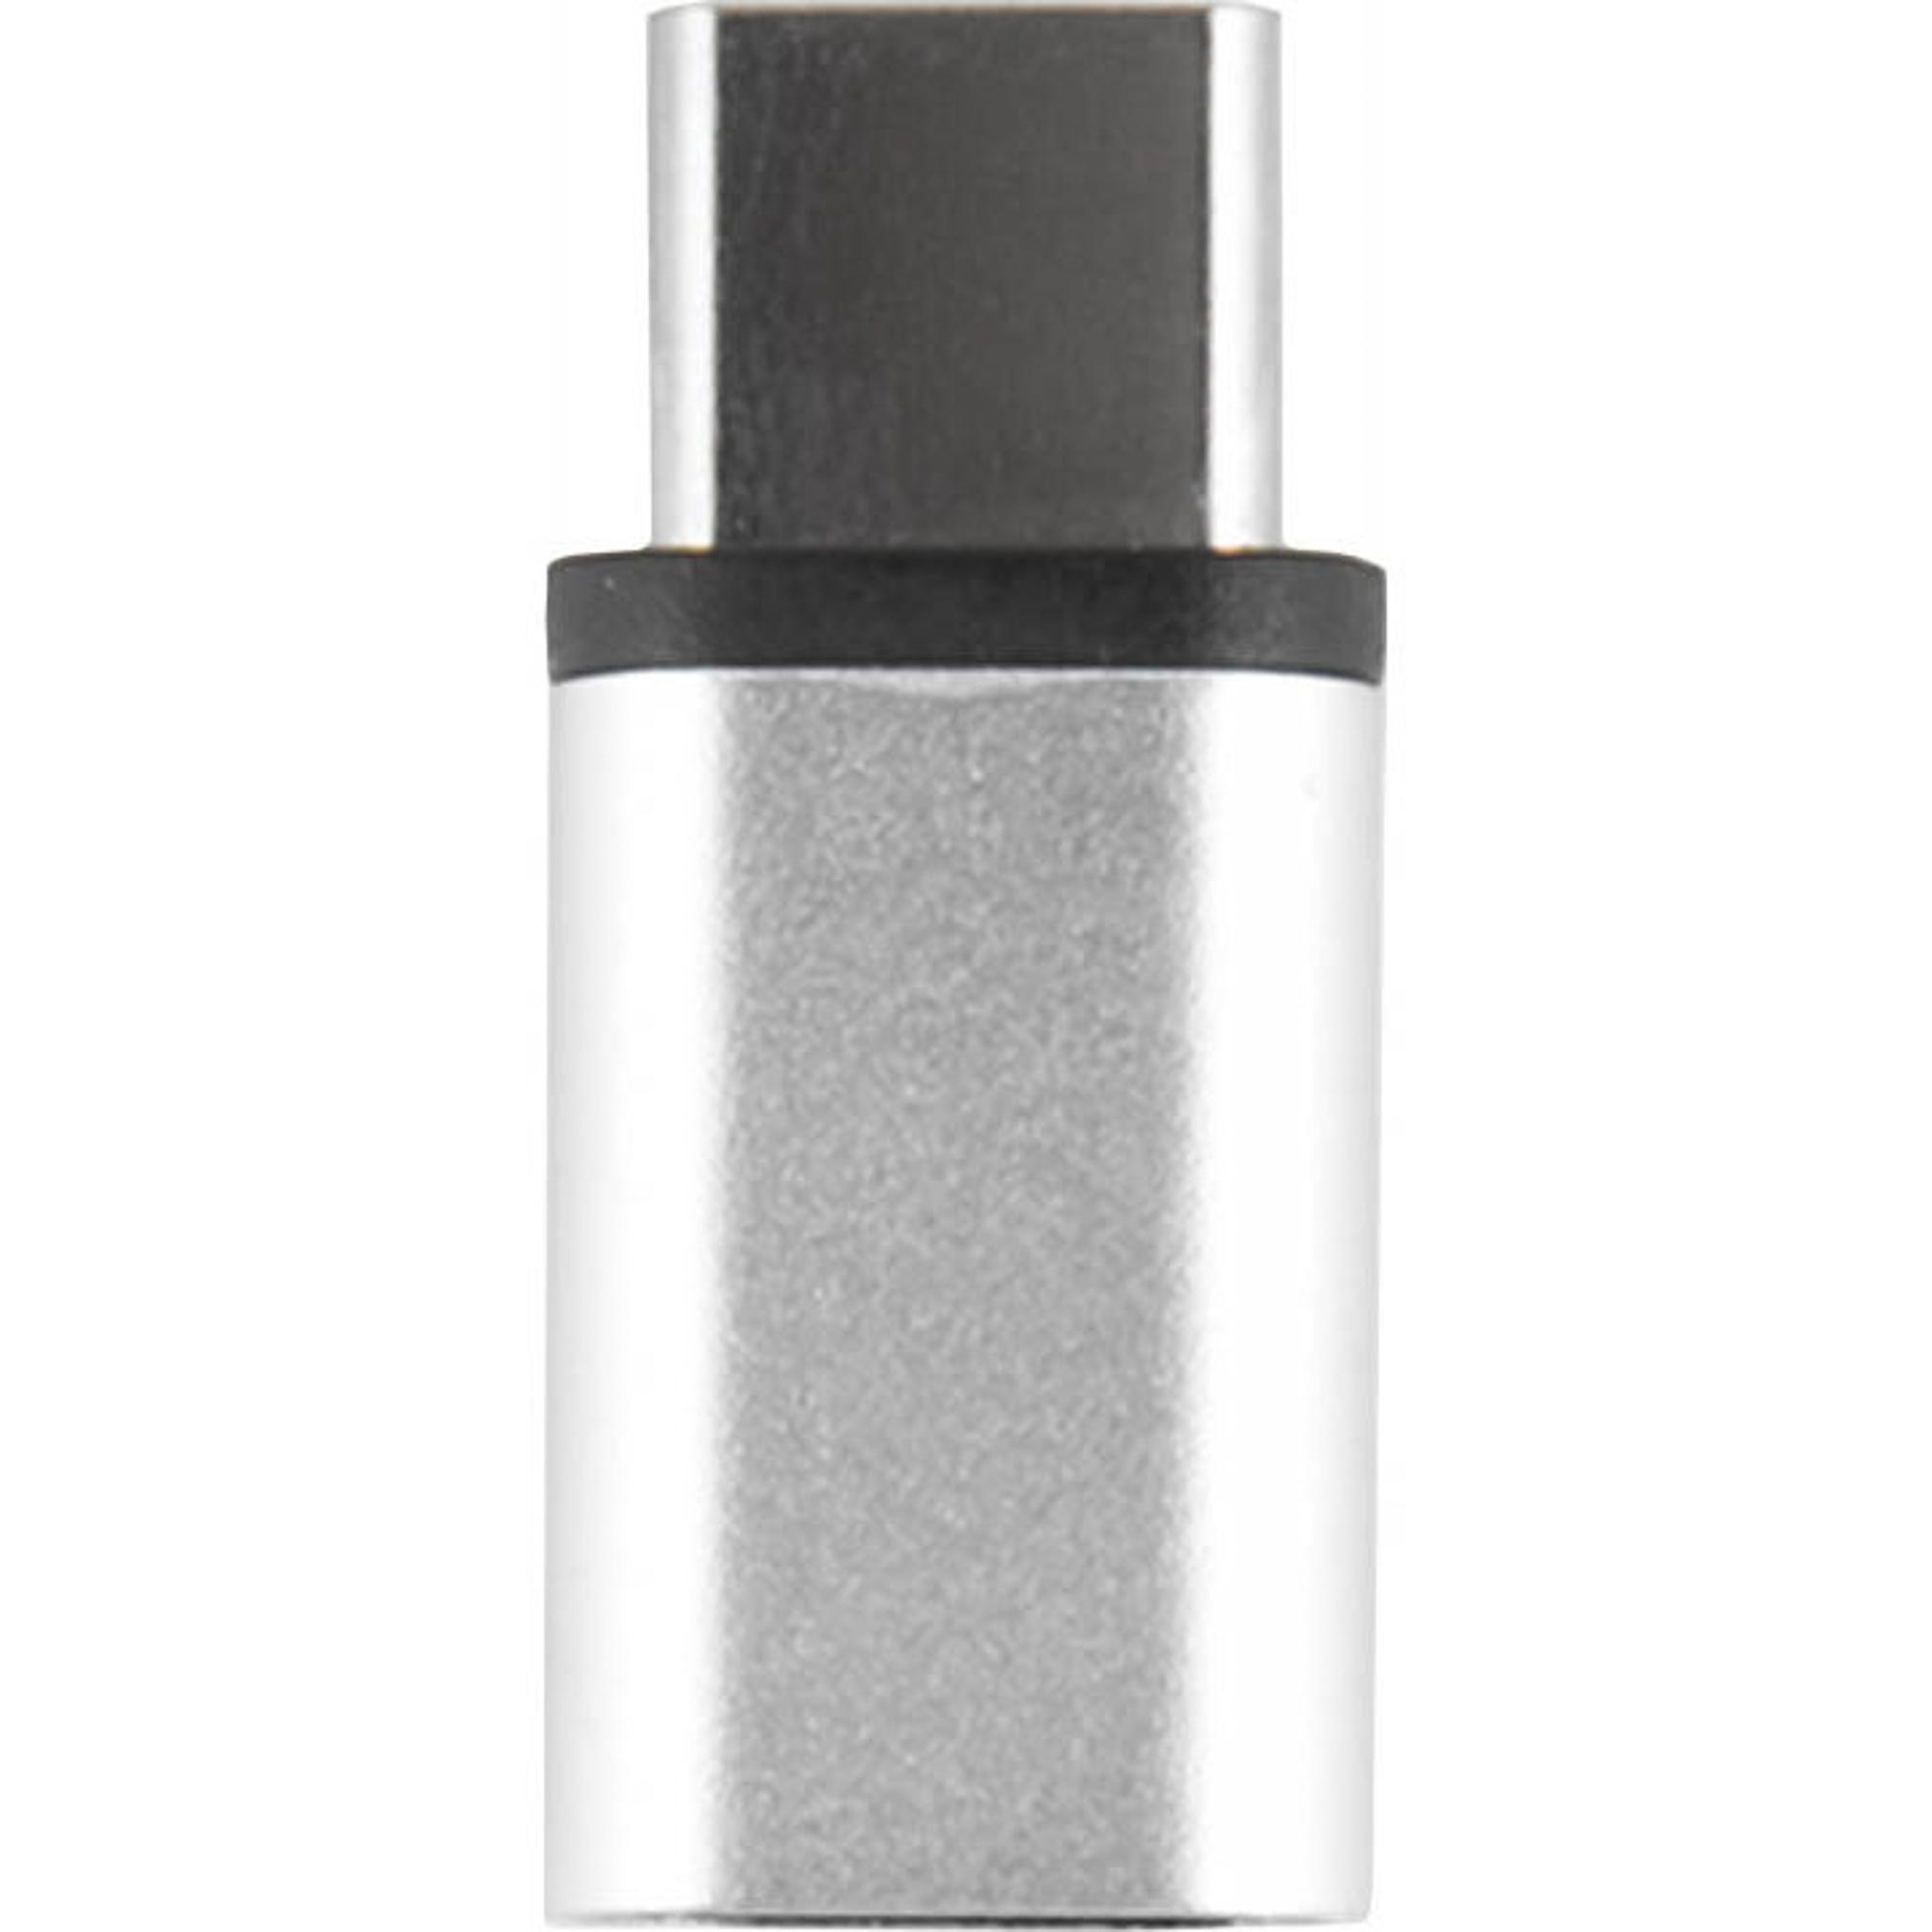 Купить Переходник Red Line microUSB - USB Type-C, переходник, Китай